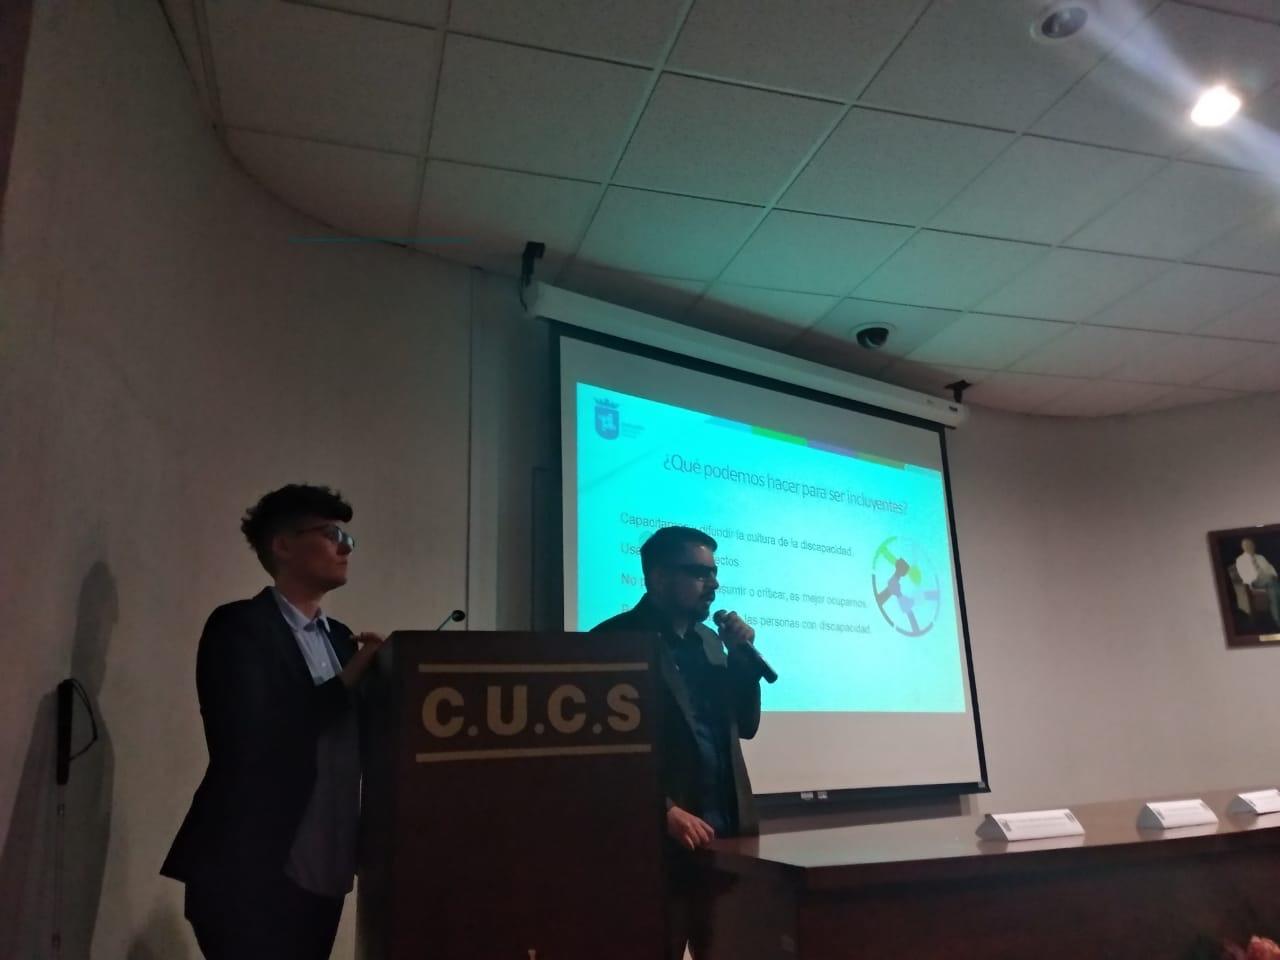 Ponente impartiendo conferencia, al fondo una diapositiva